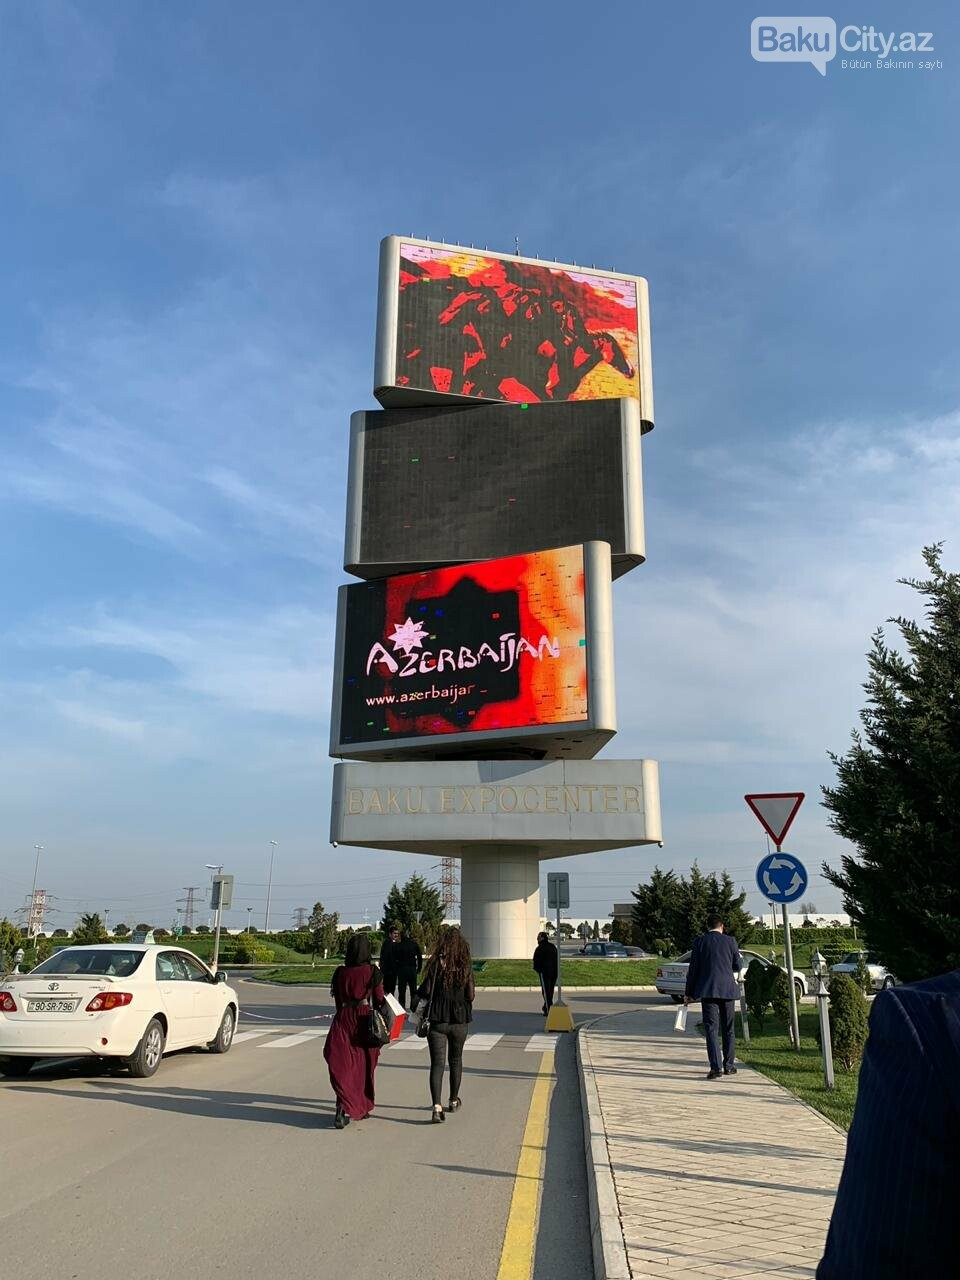 Bakıda keçirilən AITF 2019 davam edir - FOTO, fotoşəkil-1